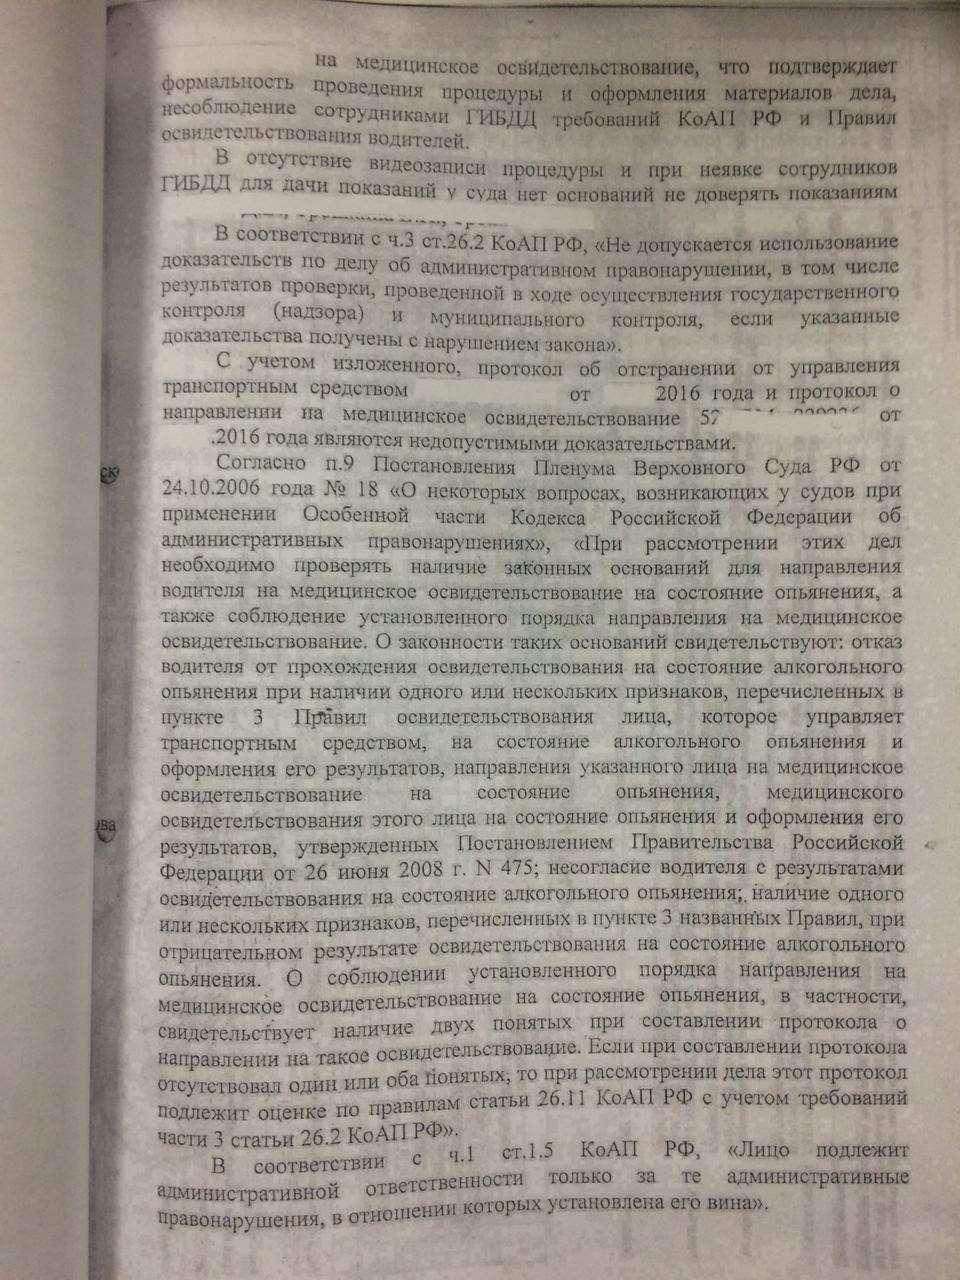 Разводки ГИБДД: как не лишиться прав заотказ отмедосвидетельствования— фото 927379